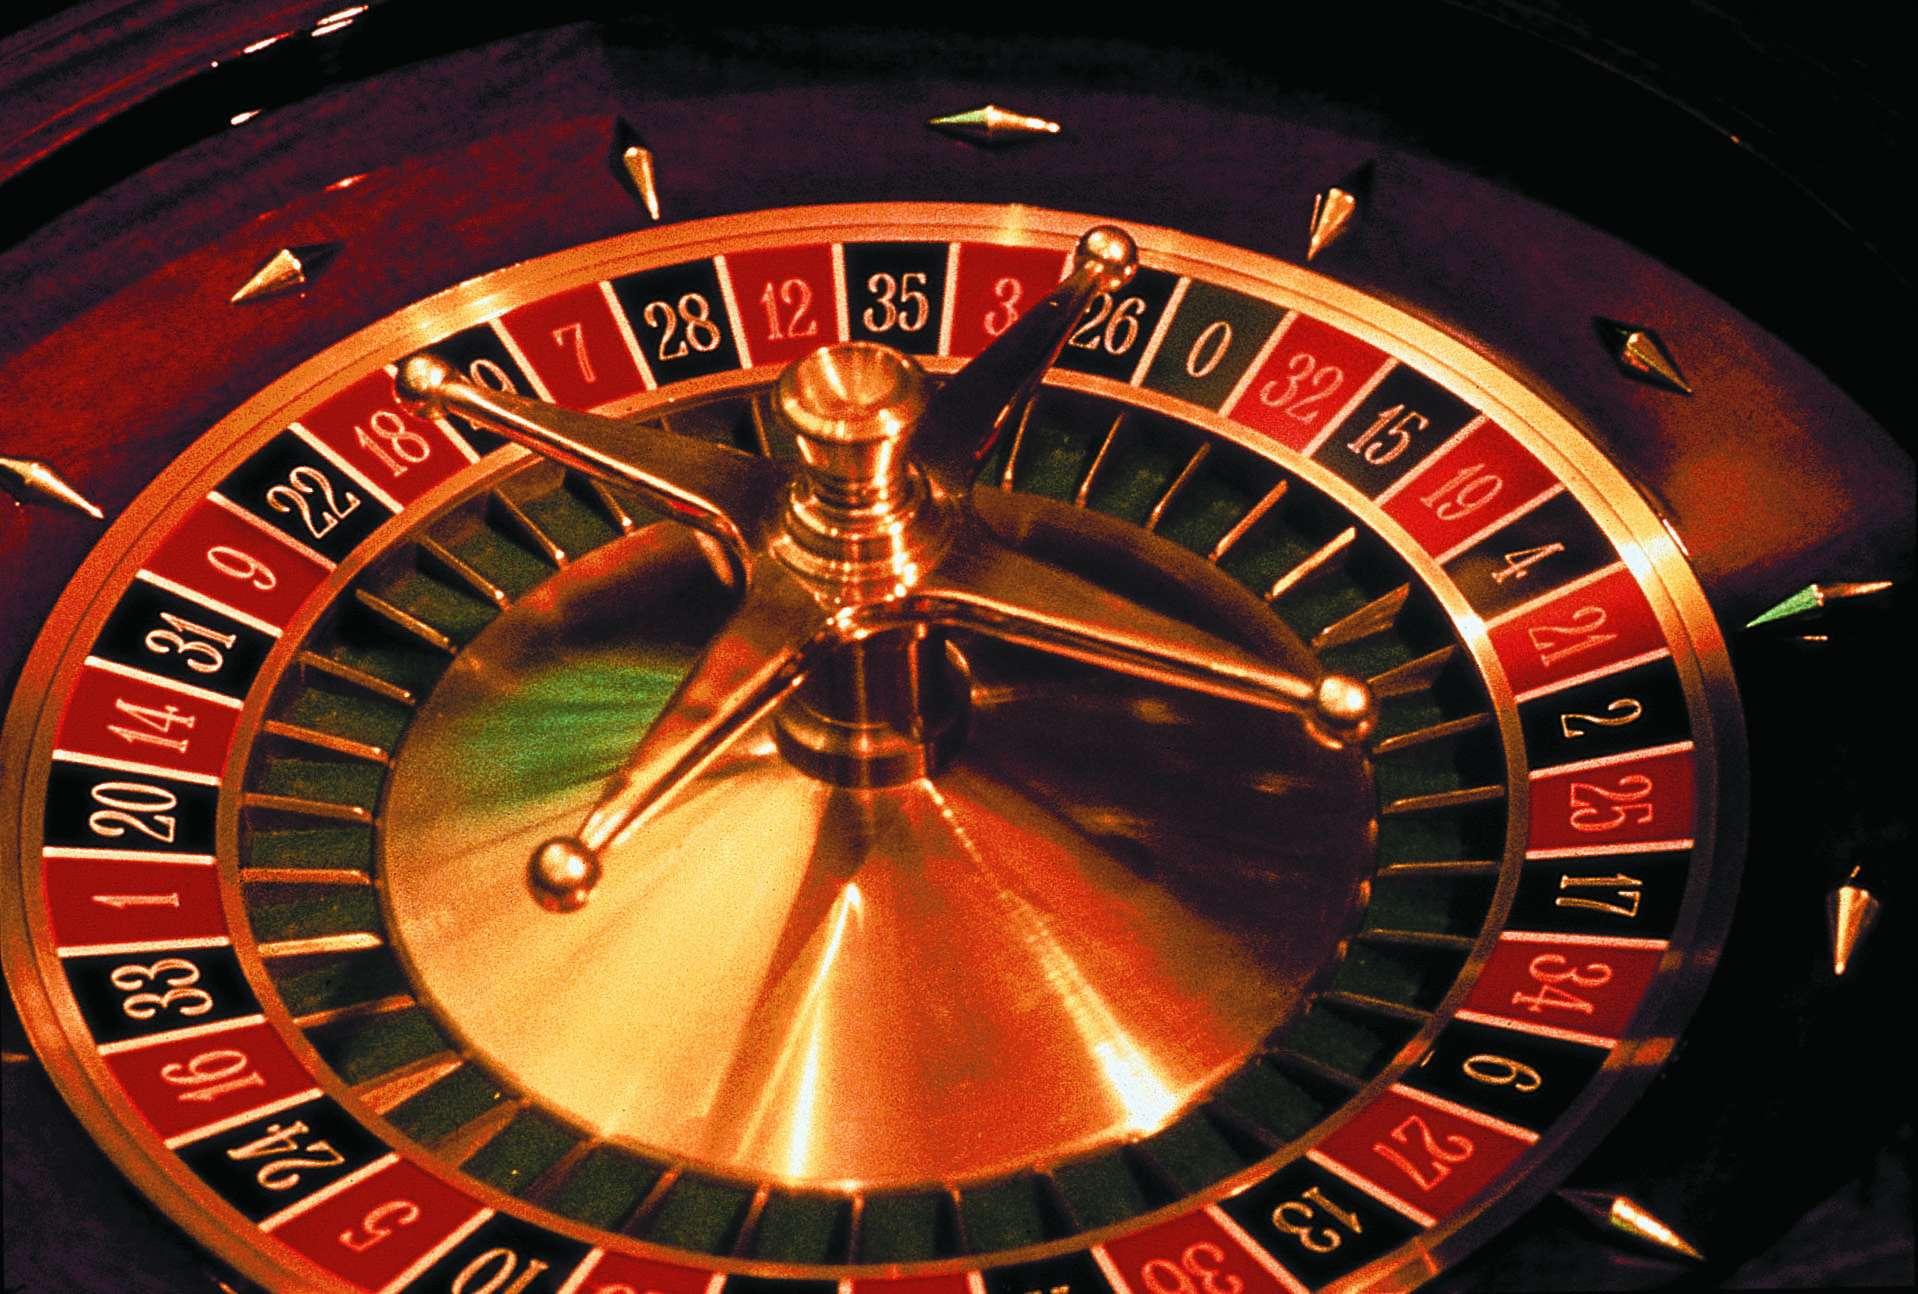 Des jeux casinos avec taux de redistribution élevé